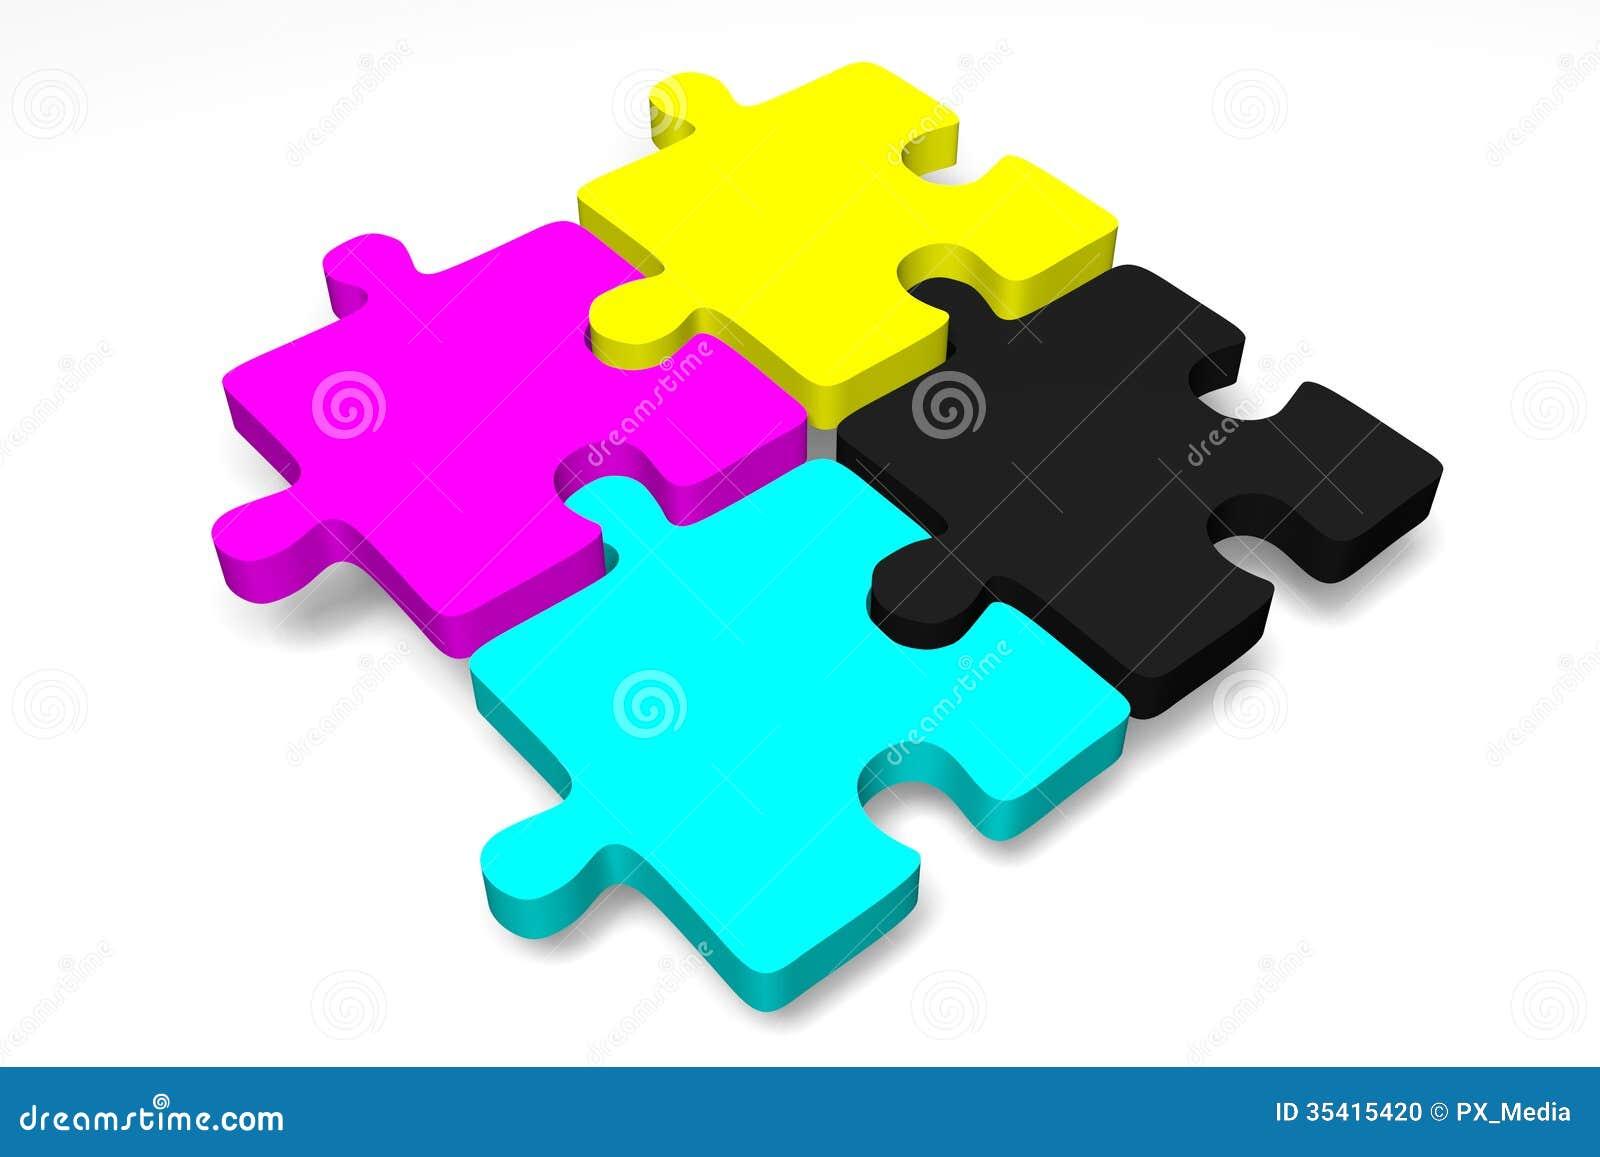 3D Grafiken, metaphores, Drucken, CMYK, Puzzle